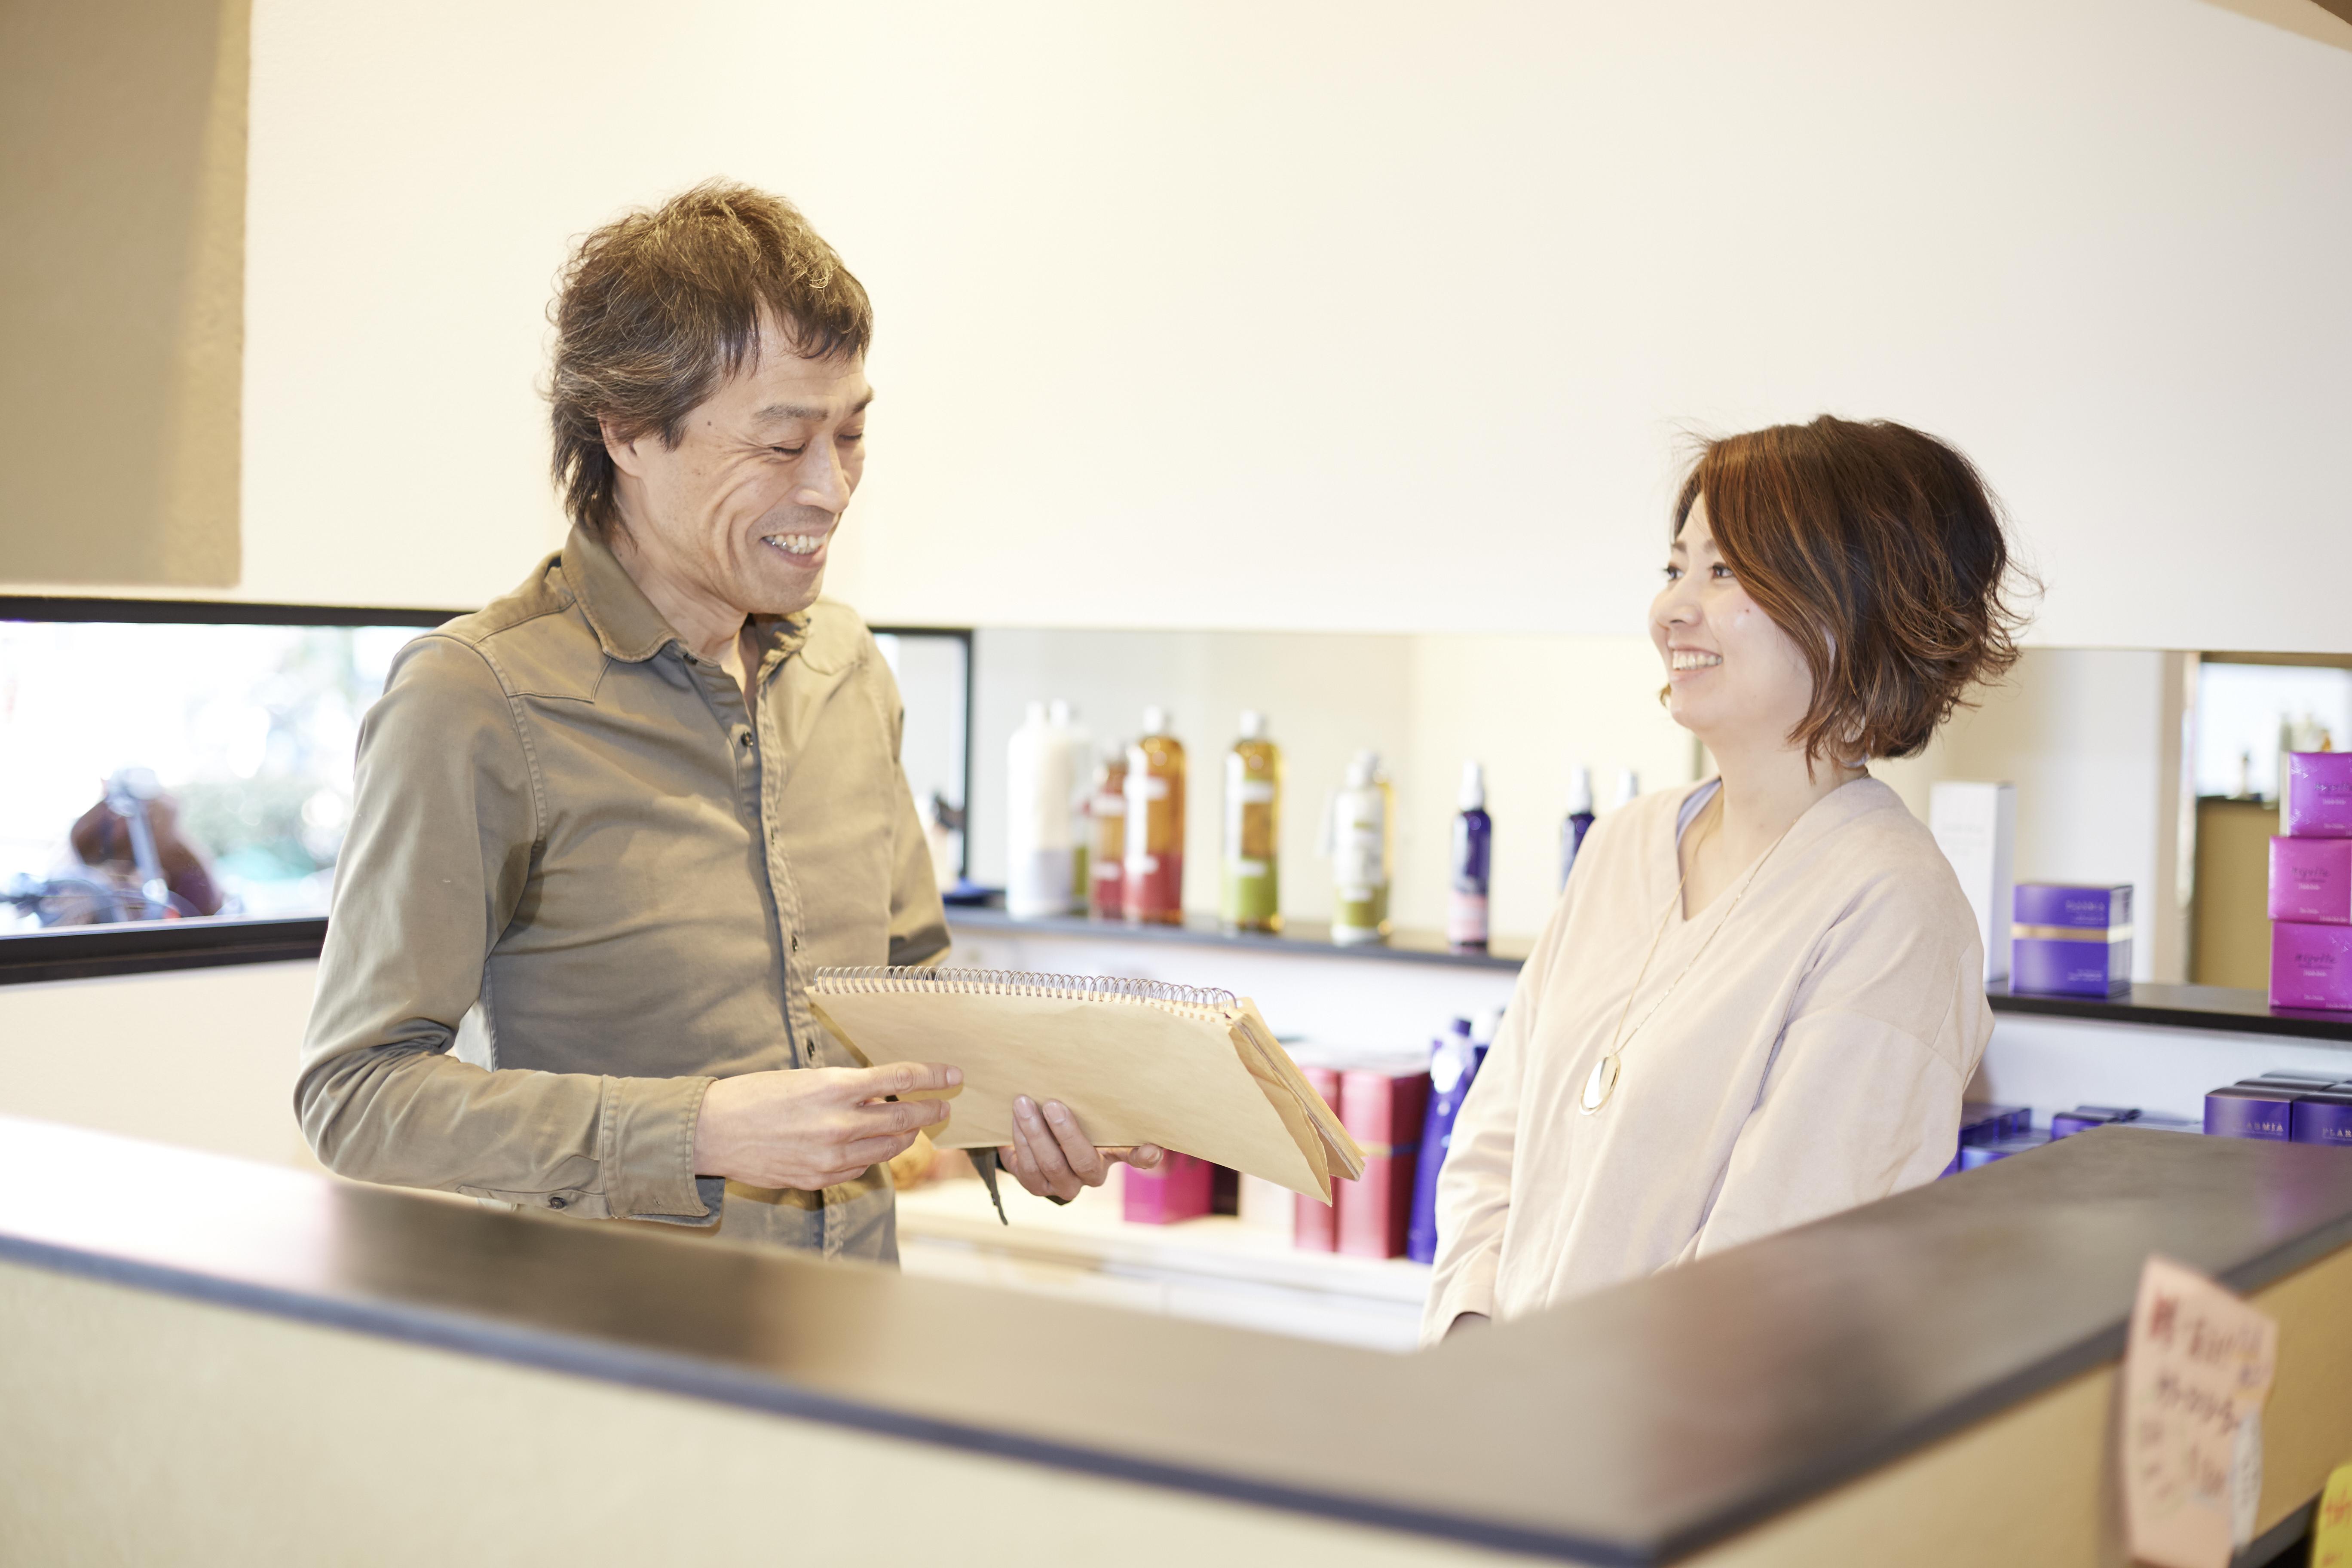 「近いうちに、ママ美容師サロンも一般的になっていくはず」と高嶋さん。周辺に同じ業態の店ができてもお客さまに選んでもらえるように、自分の得意分野をつくることをスタッフに勧めている